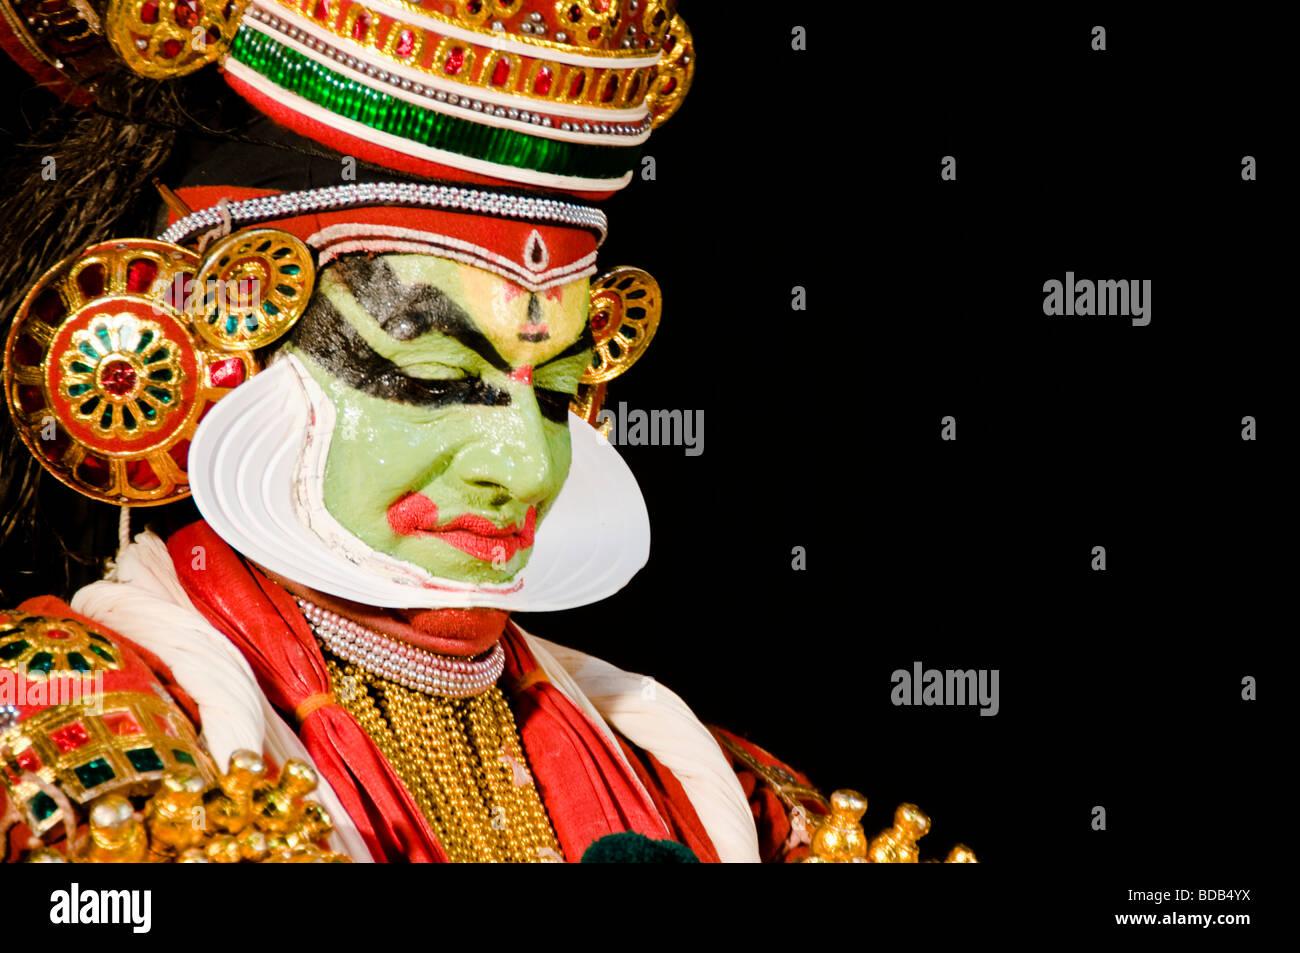 Kathakali face - highly stylised classical Indian dance drama, Kerala, India - Stock Image